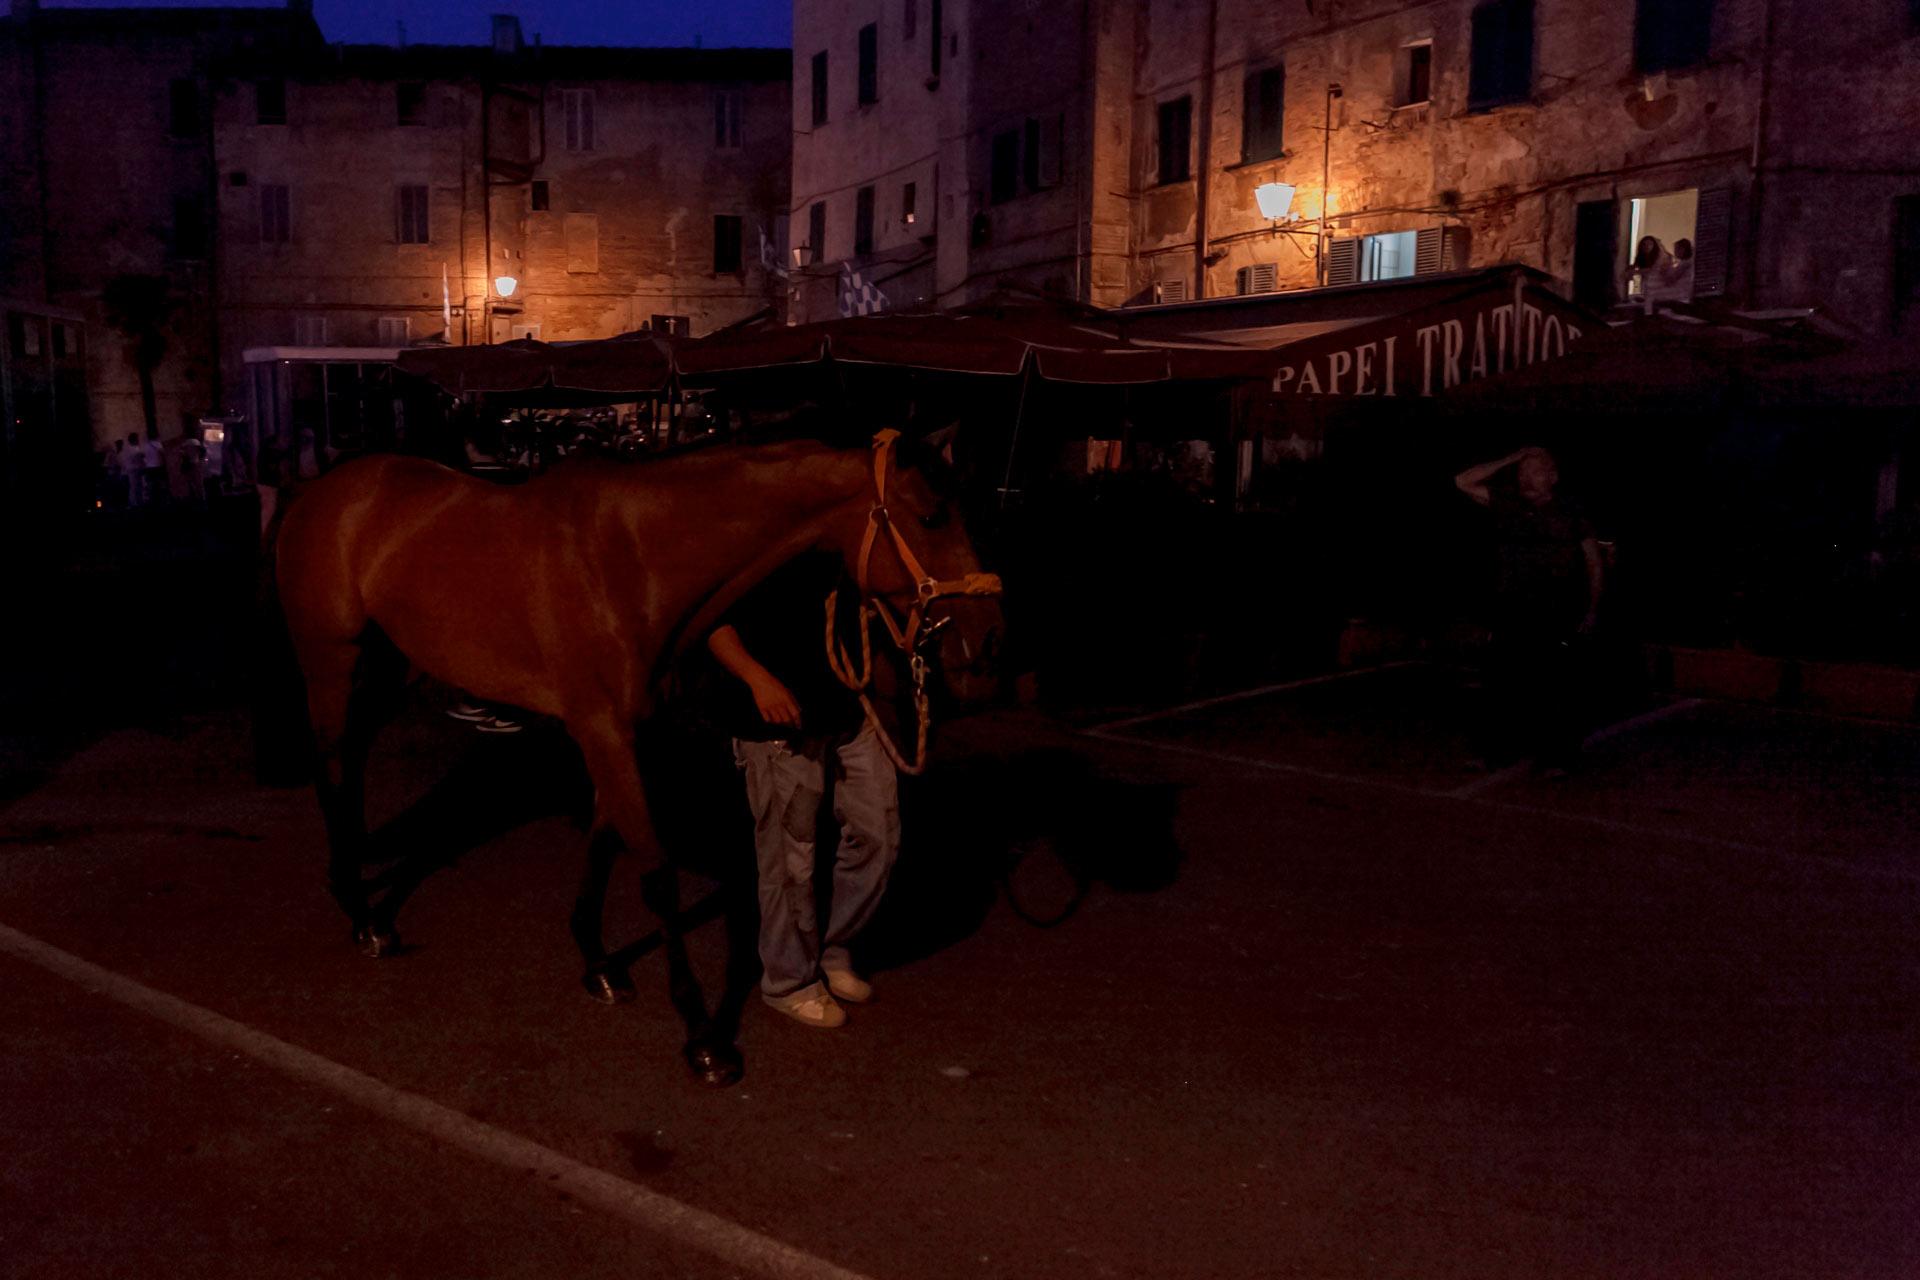 LE CORSE DI NOTTE - Ci siamo, i giorni del Palio sono alle porte. Appuntamento con il Barbaresco all'alba in Piazza del Mercato. È lì che arrivano tutti i cavalli a bordo dei loro Van attrezzati per il trasporto in sicurezza.